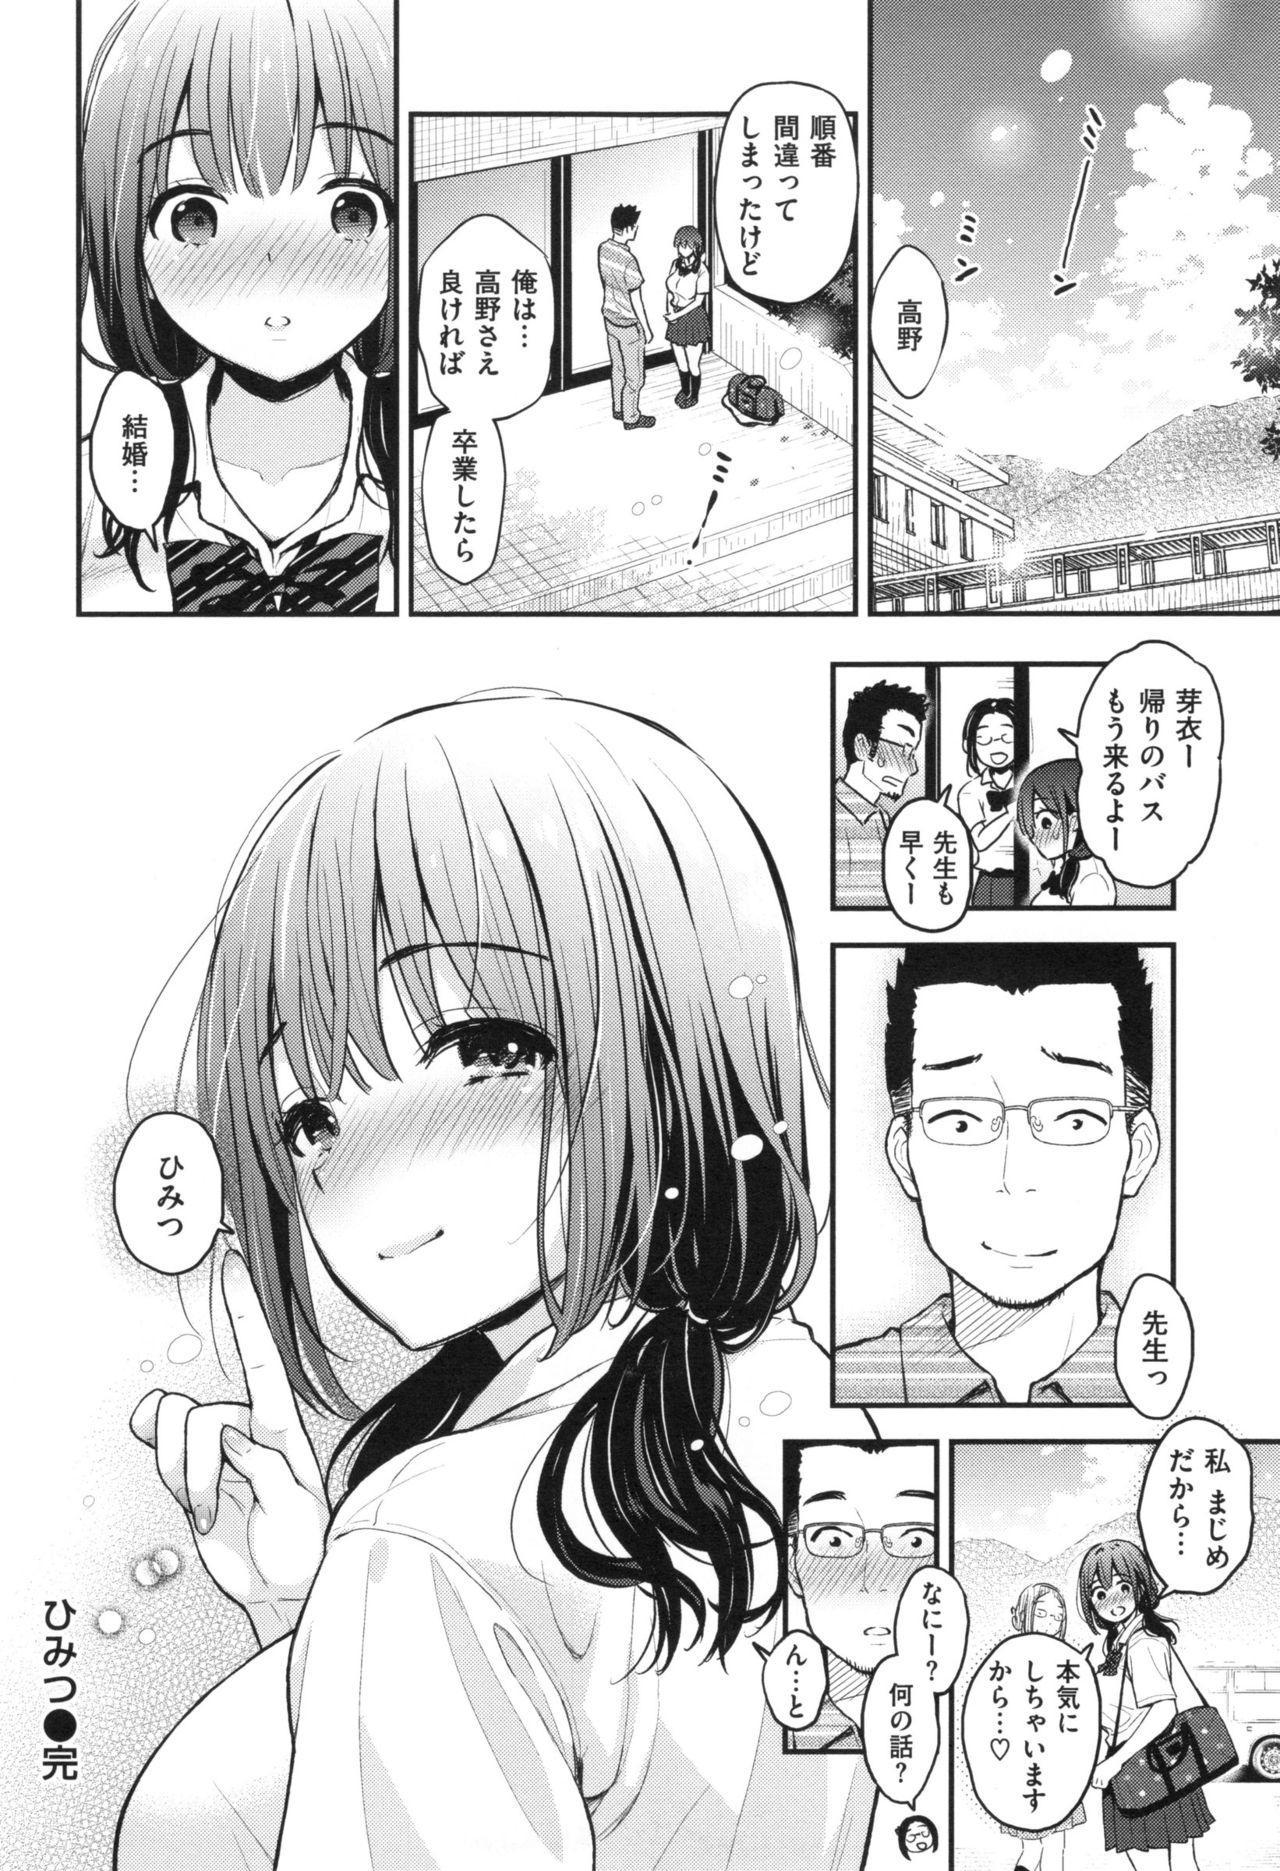 Futari no Himitsu 58